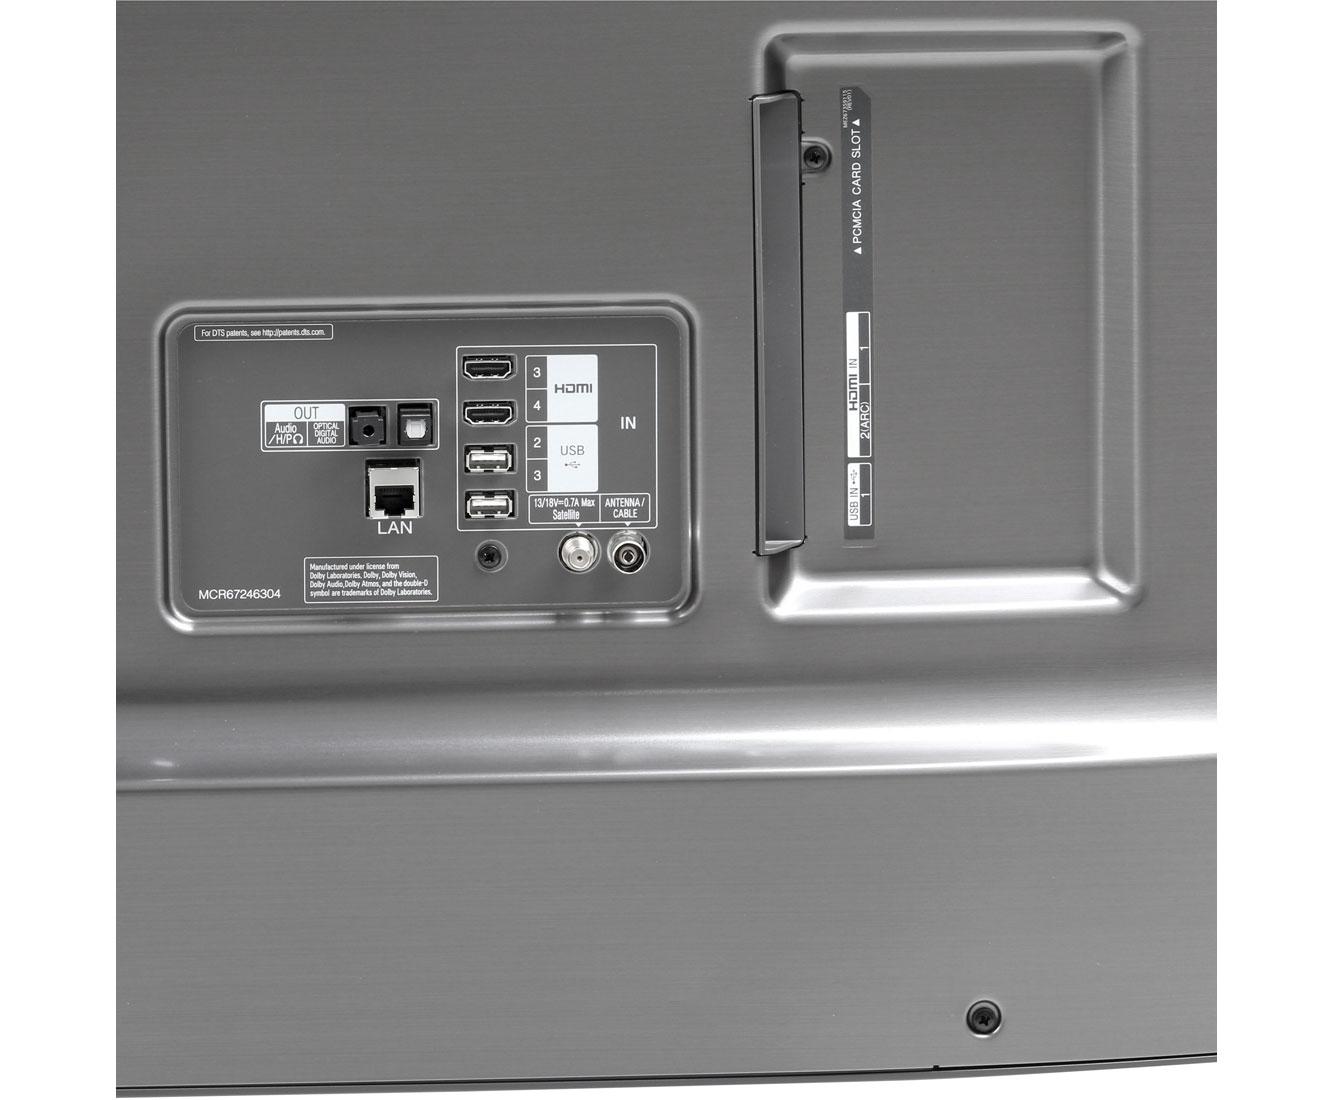 Amerikanischer Kühlschrank Mit Fernseher : Lg side by side amerikanischer kühlschrank lg grade b